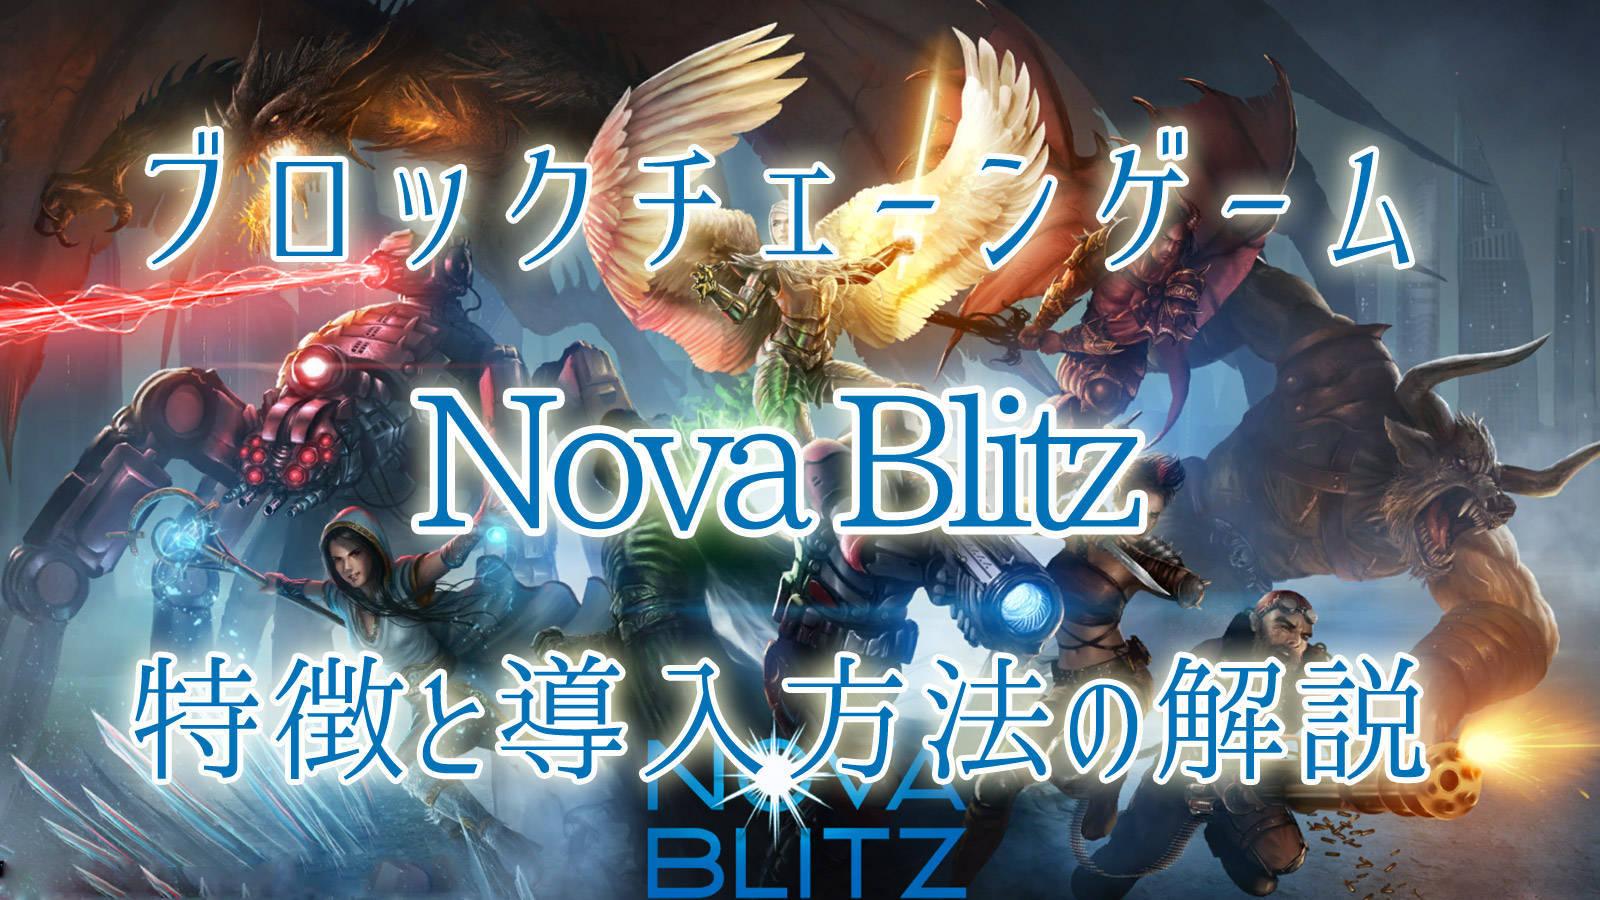 ブロックチェーンゲーム|Nova Blitzの特徴と導入方法の解説